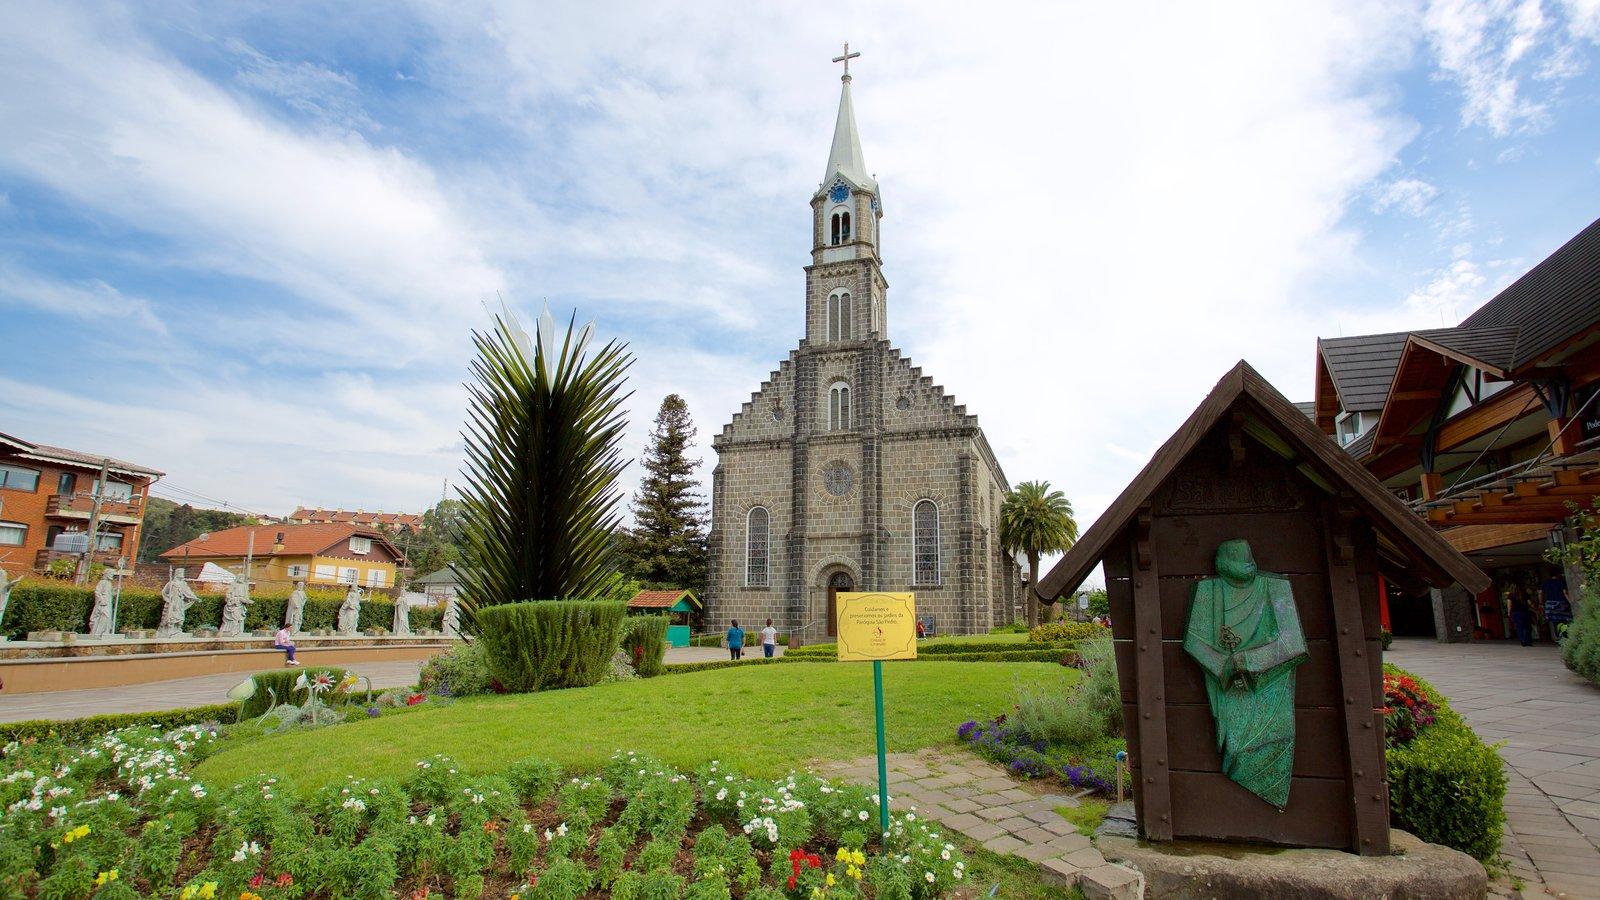 Paróquia de São Pedro Apóstolo que inclui um parque e uma igreja ou catedral